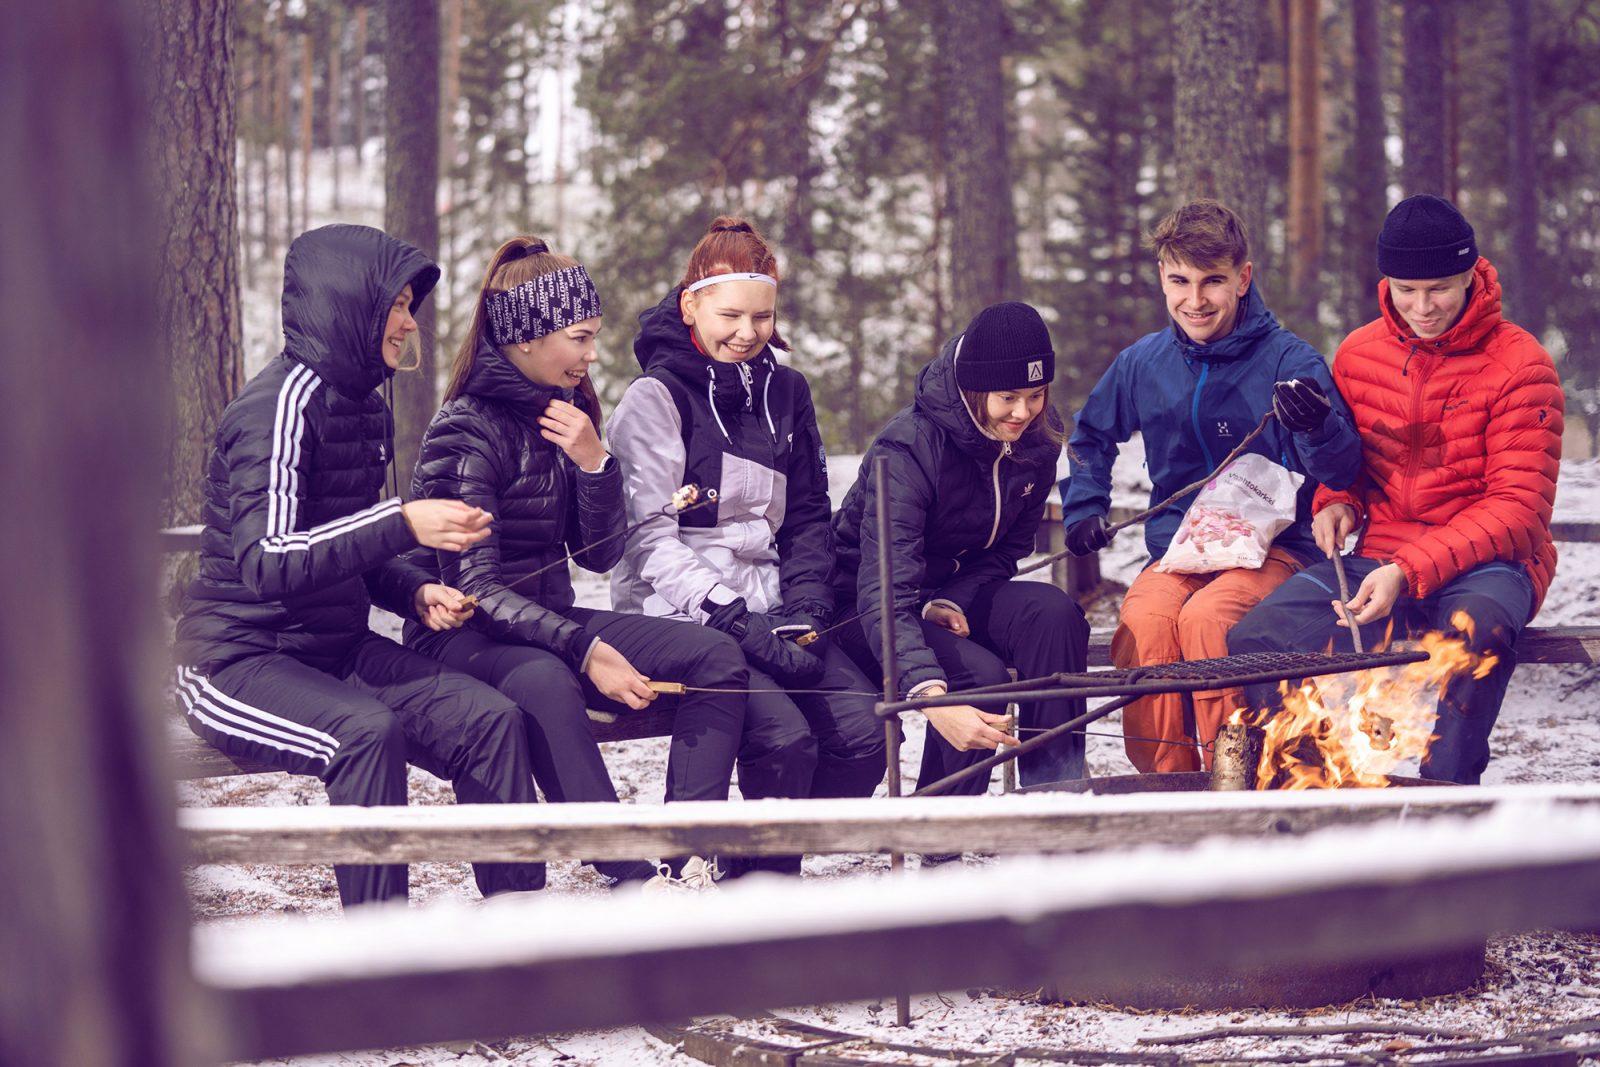 Nuoret istuvat nuotiopaikalla ja paistavat vaahtokarkkeja